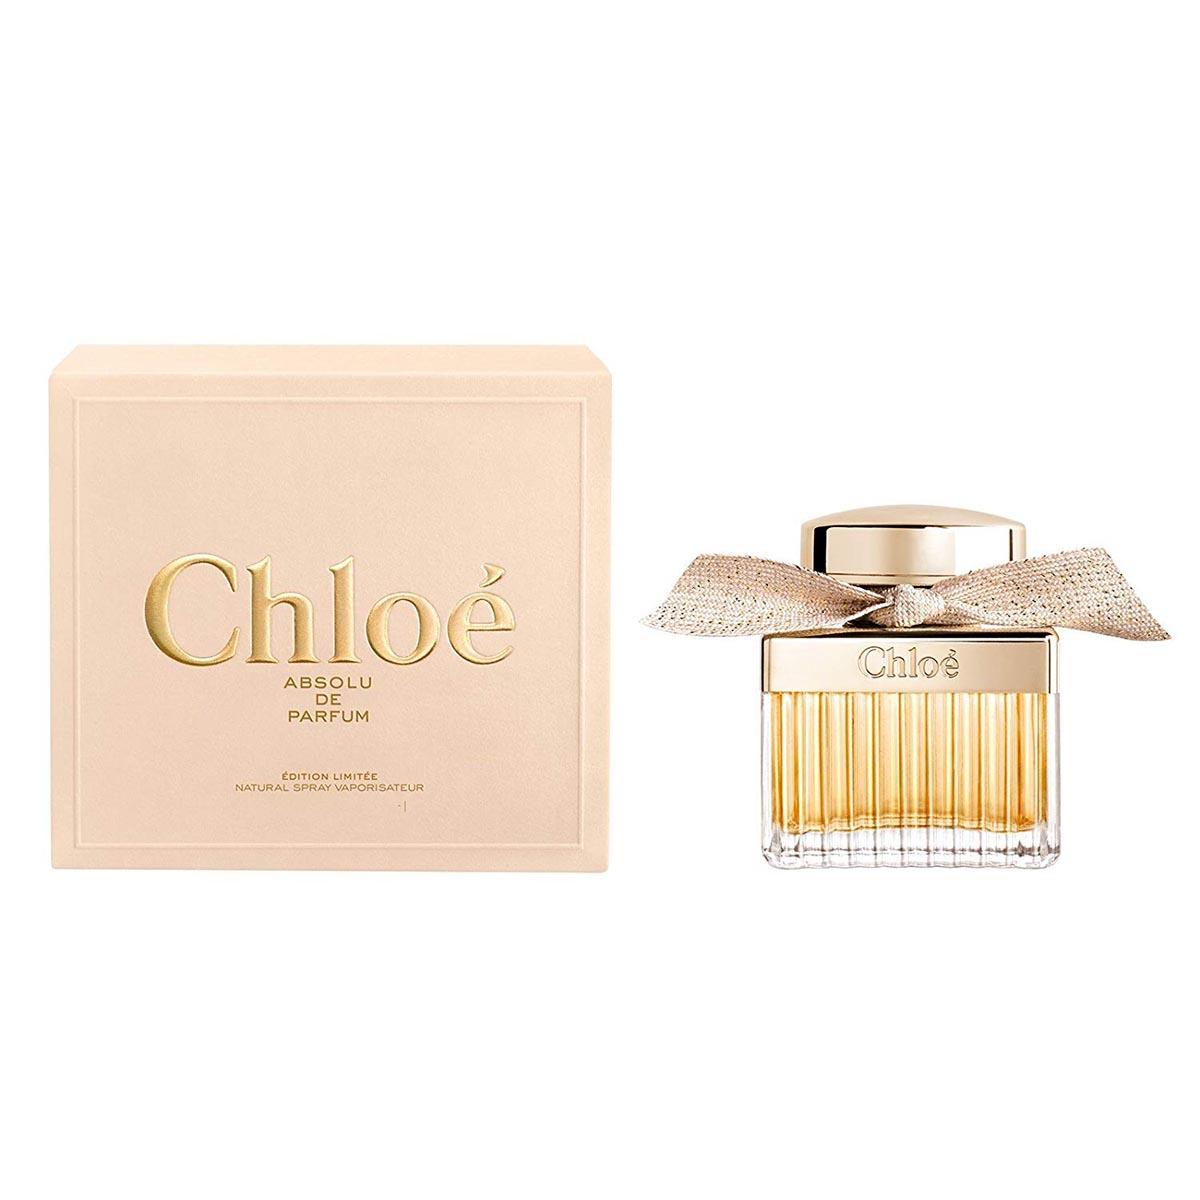 Chloe absolu de parfum 50ml vaporizador